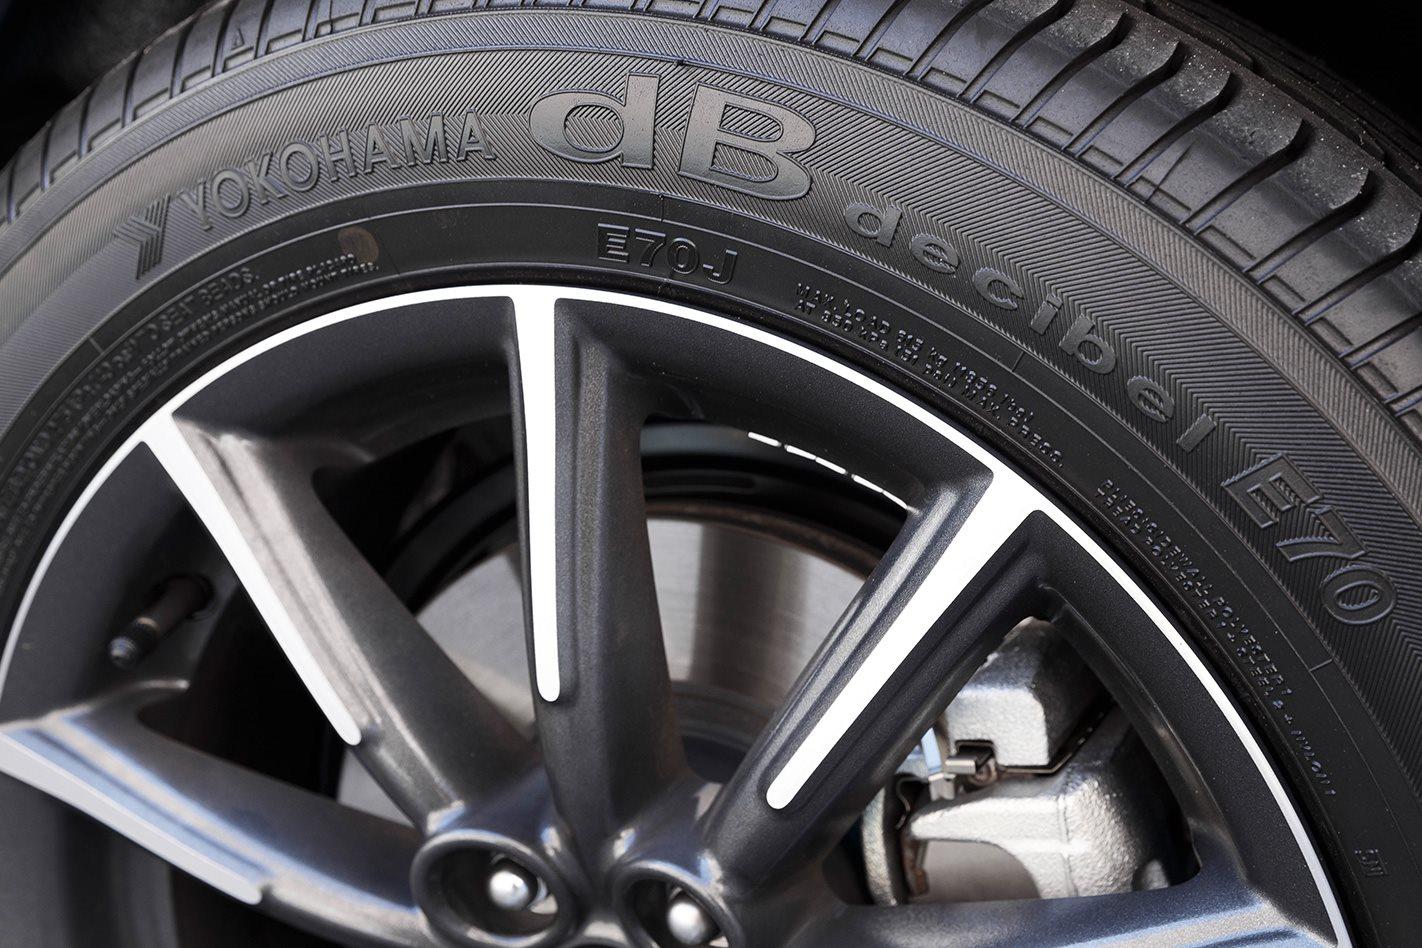 2017 Toyota 86 tyres